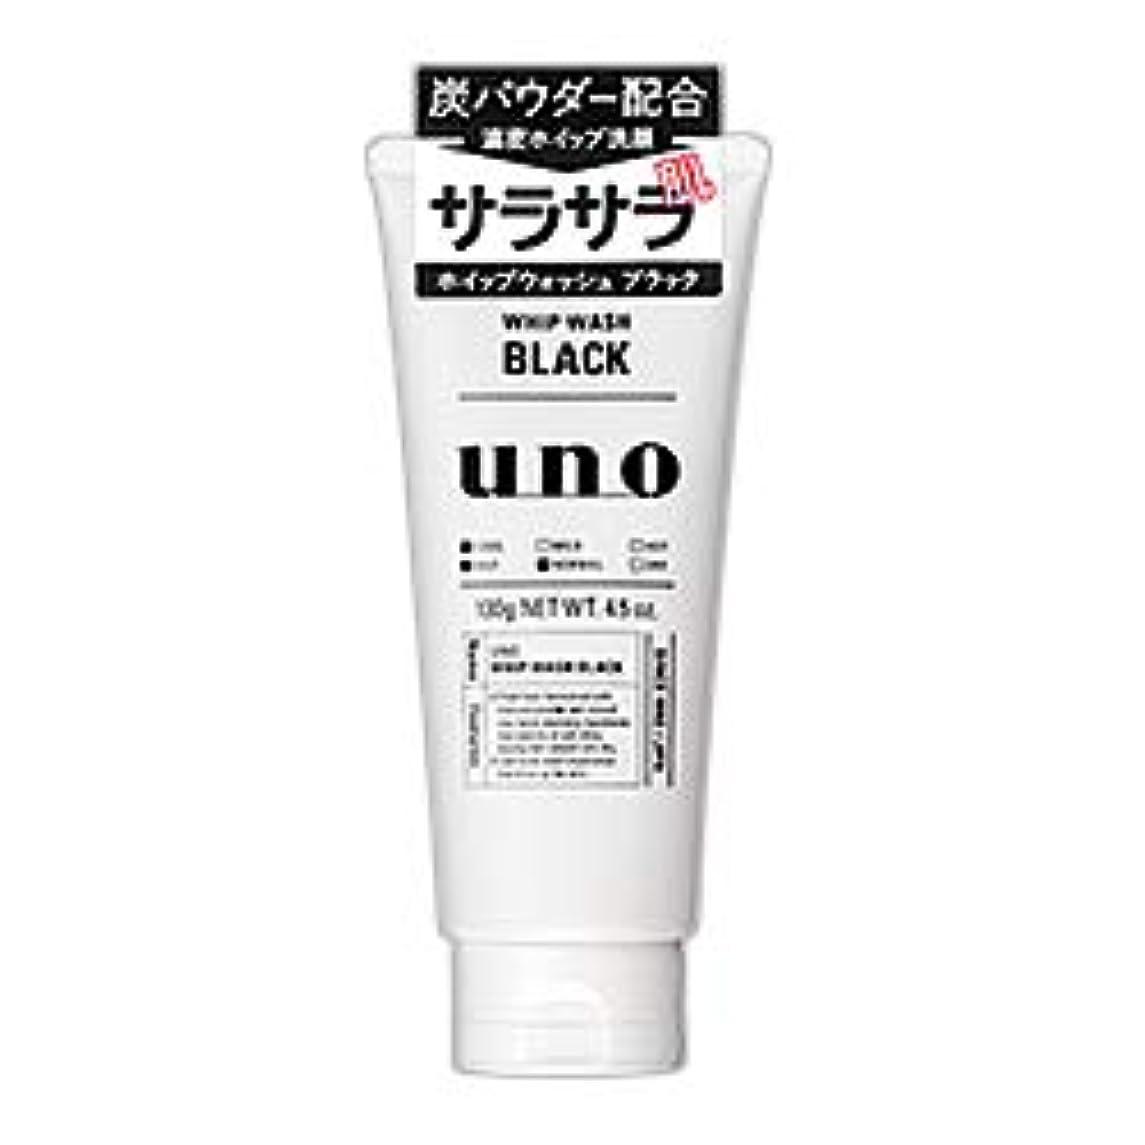 走る童謡埋める【資生堂】ウーノ(uno) ホイップウォッシュ (ブラック) 130g ×2個